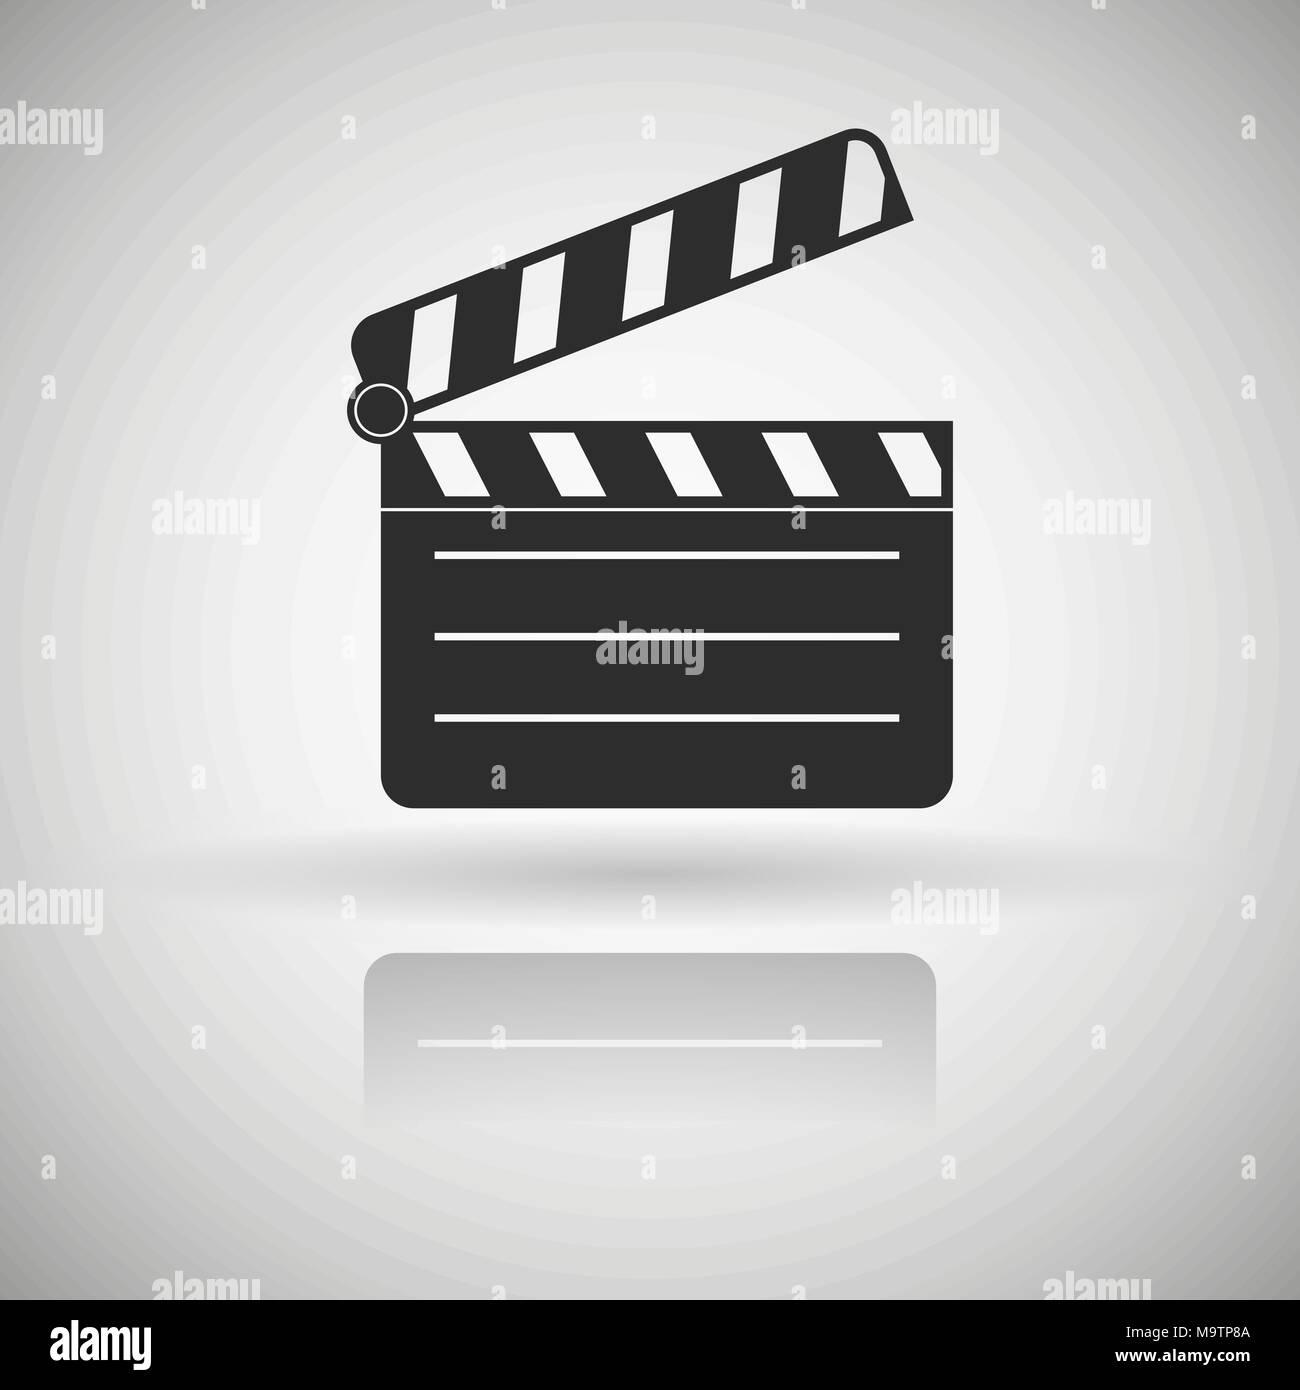 Movie clip de movimiento. Icono plana negra con sombra y reflejo Imagen De Stock